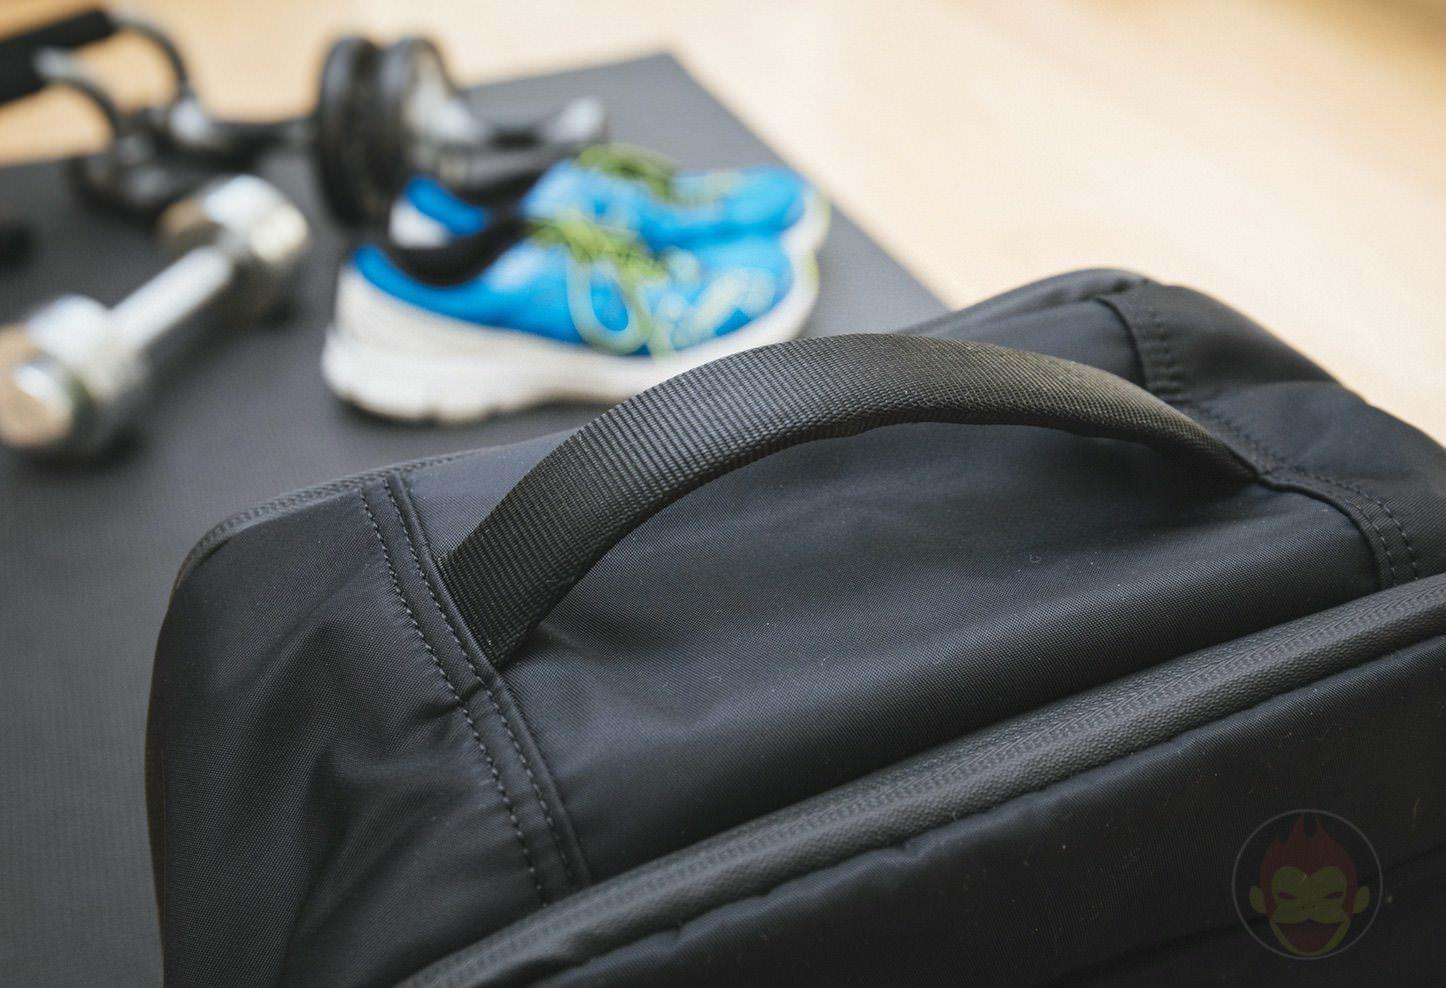 Quiver-Gym-Splashproof-Shoulder-Bag-17.jpg